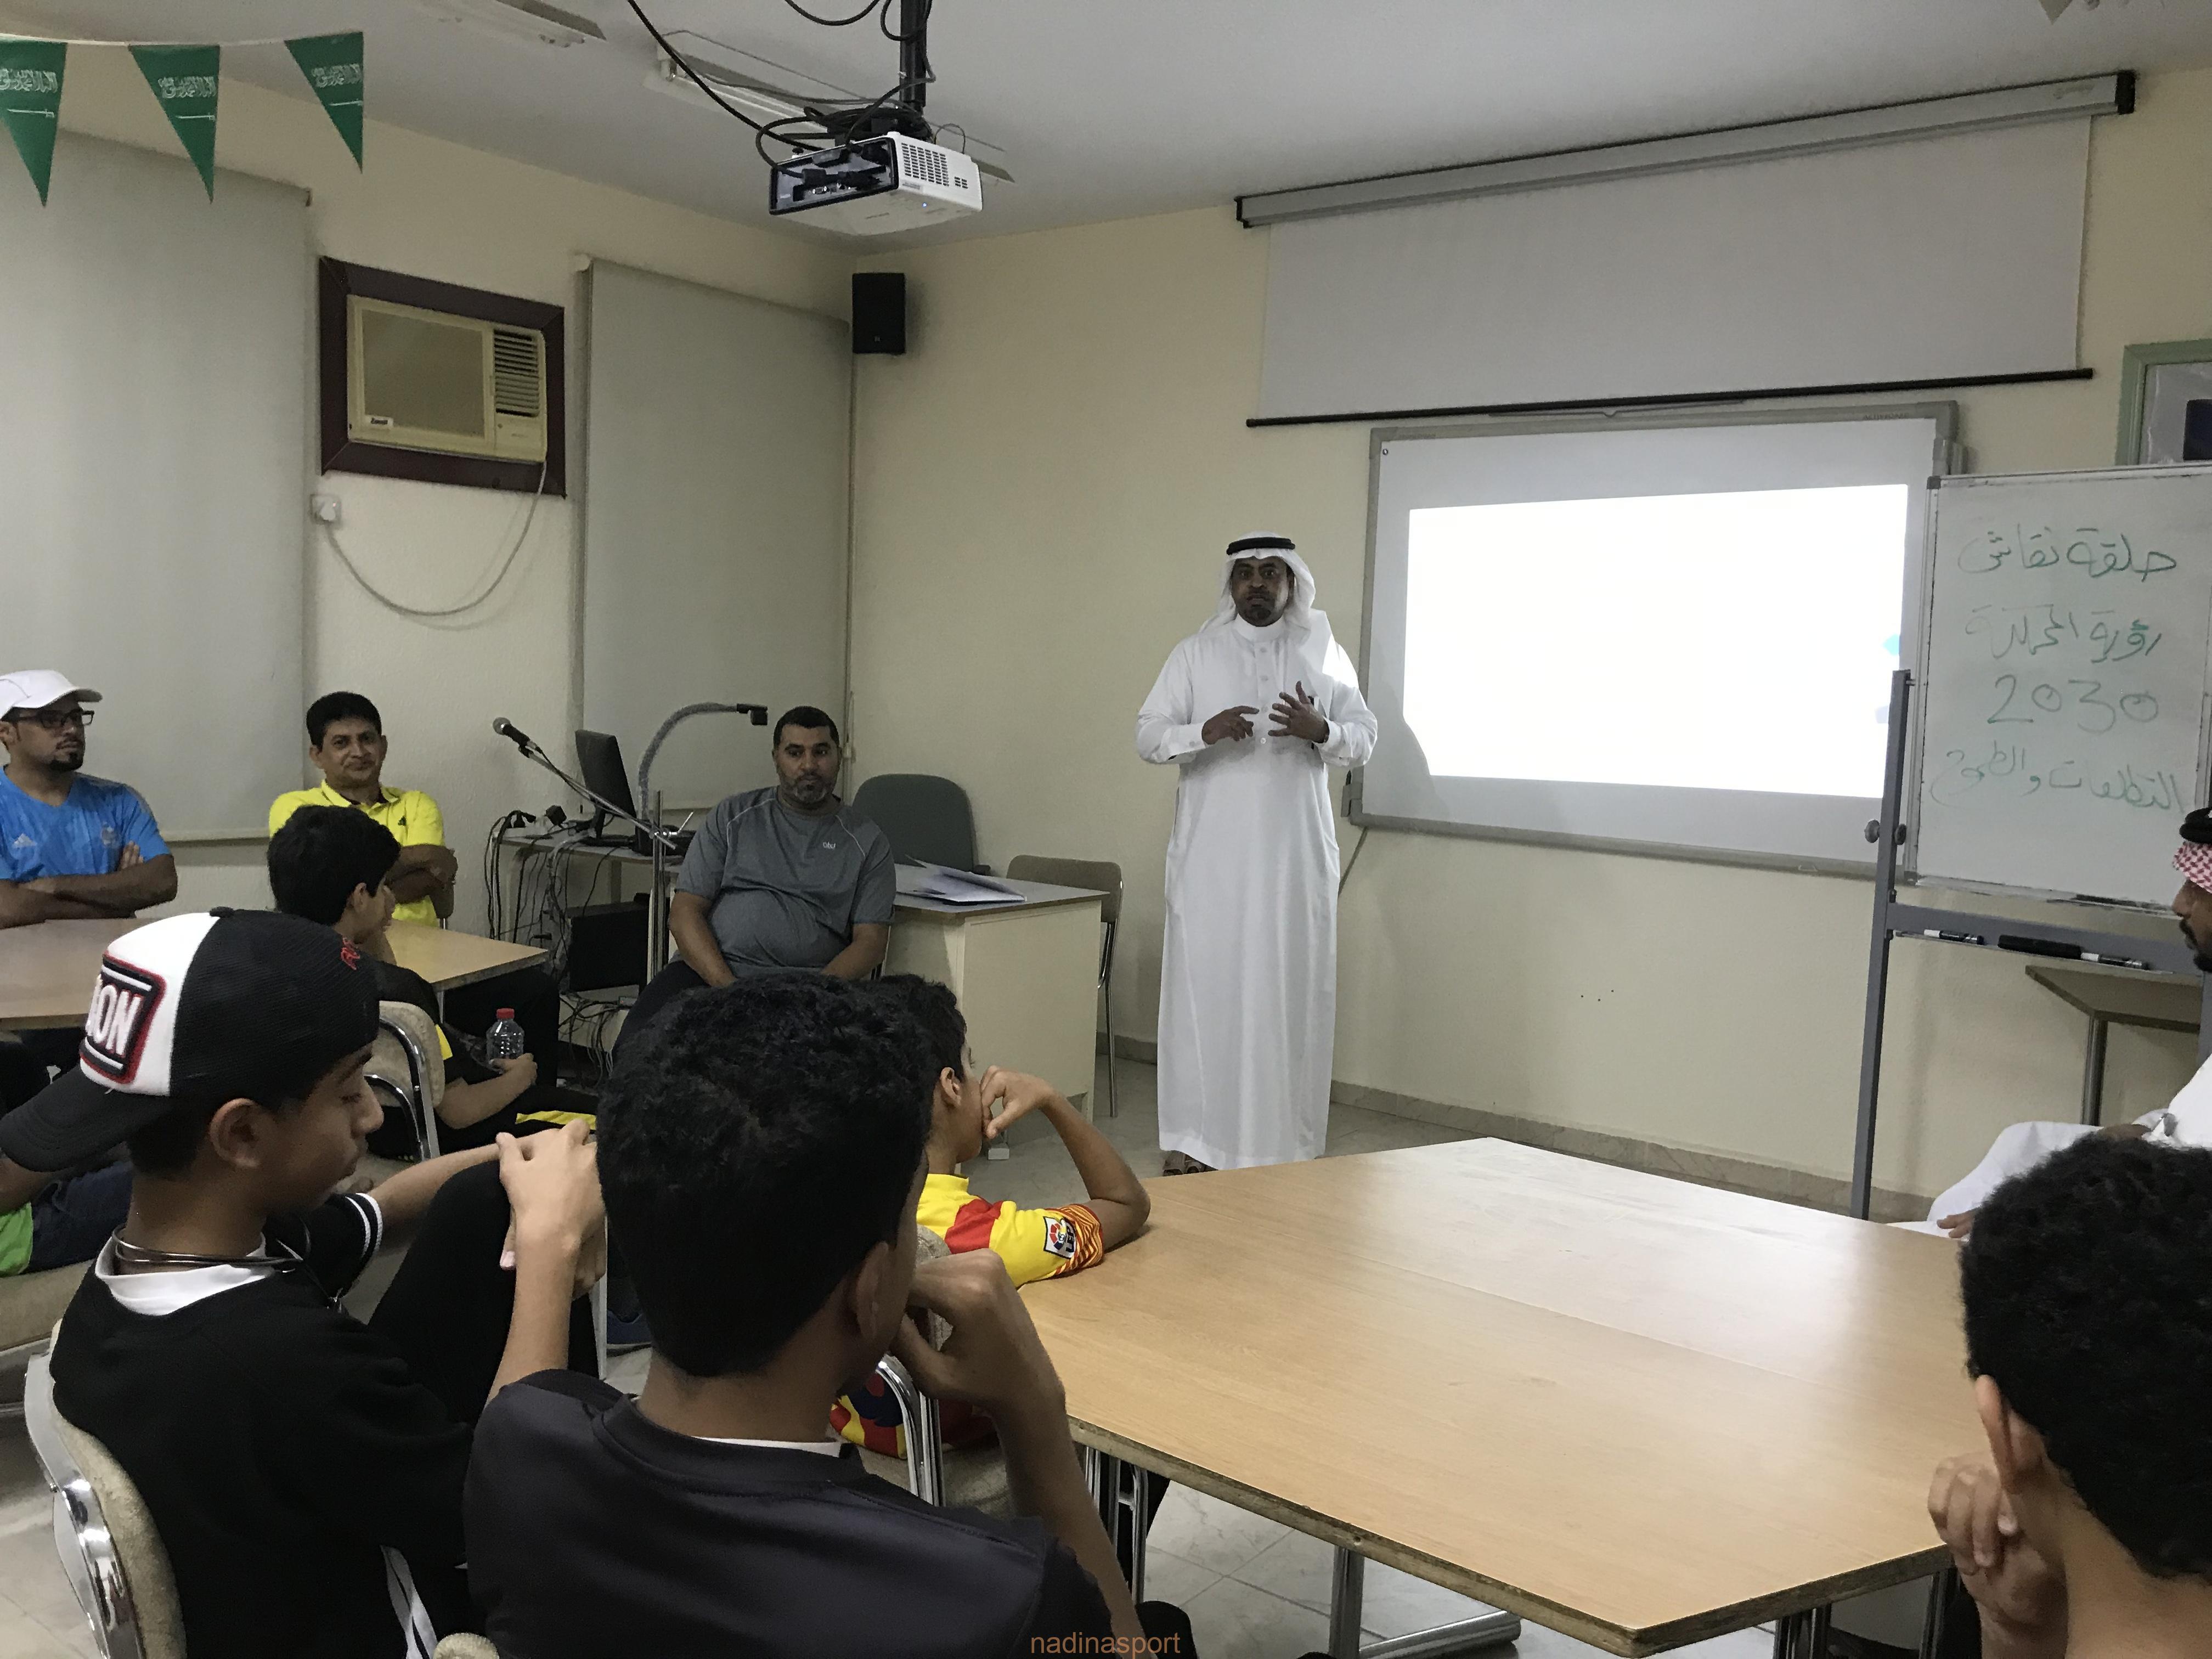 نادي حي الطرف يقدم ورشة عمل وملتقى حواري ومسابقات عن رؤية المملكة2030